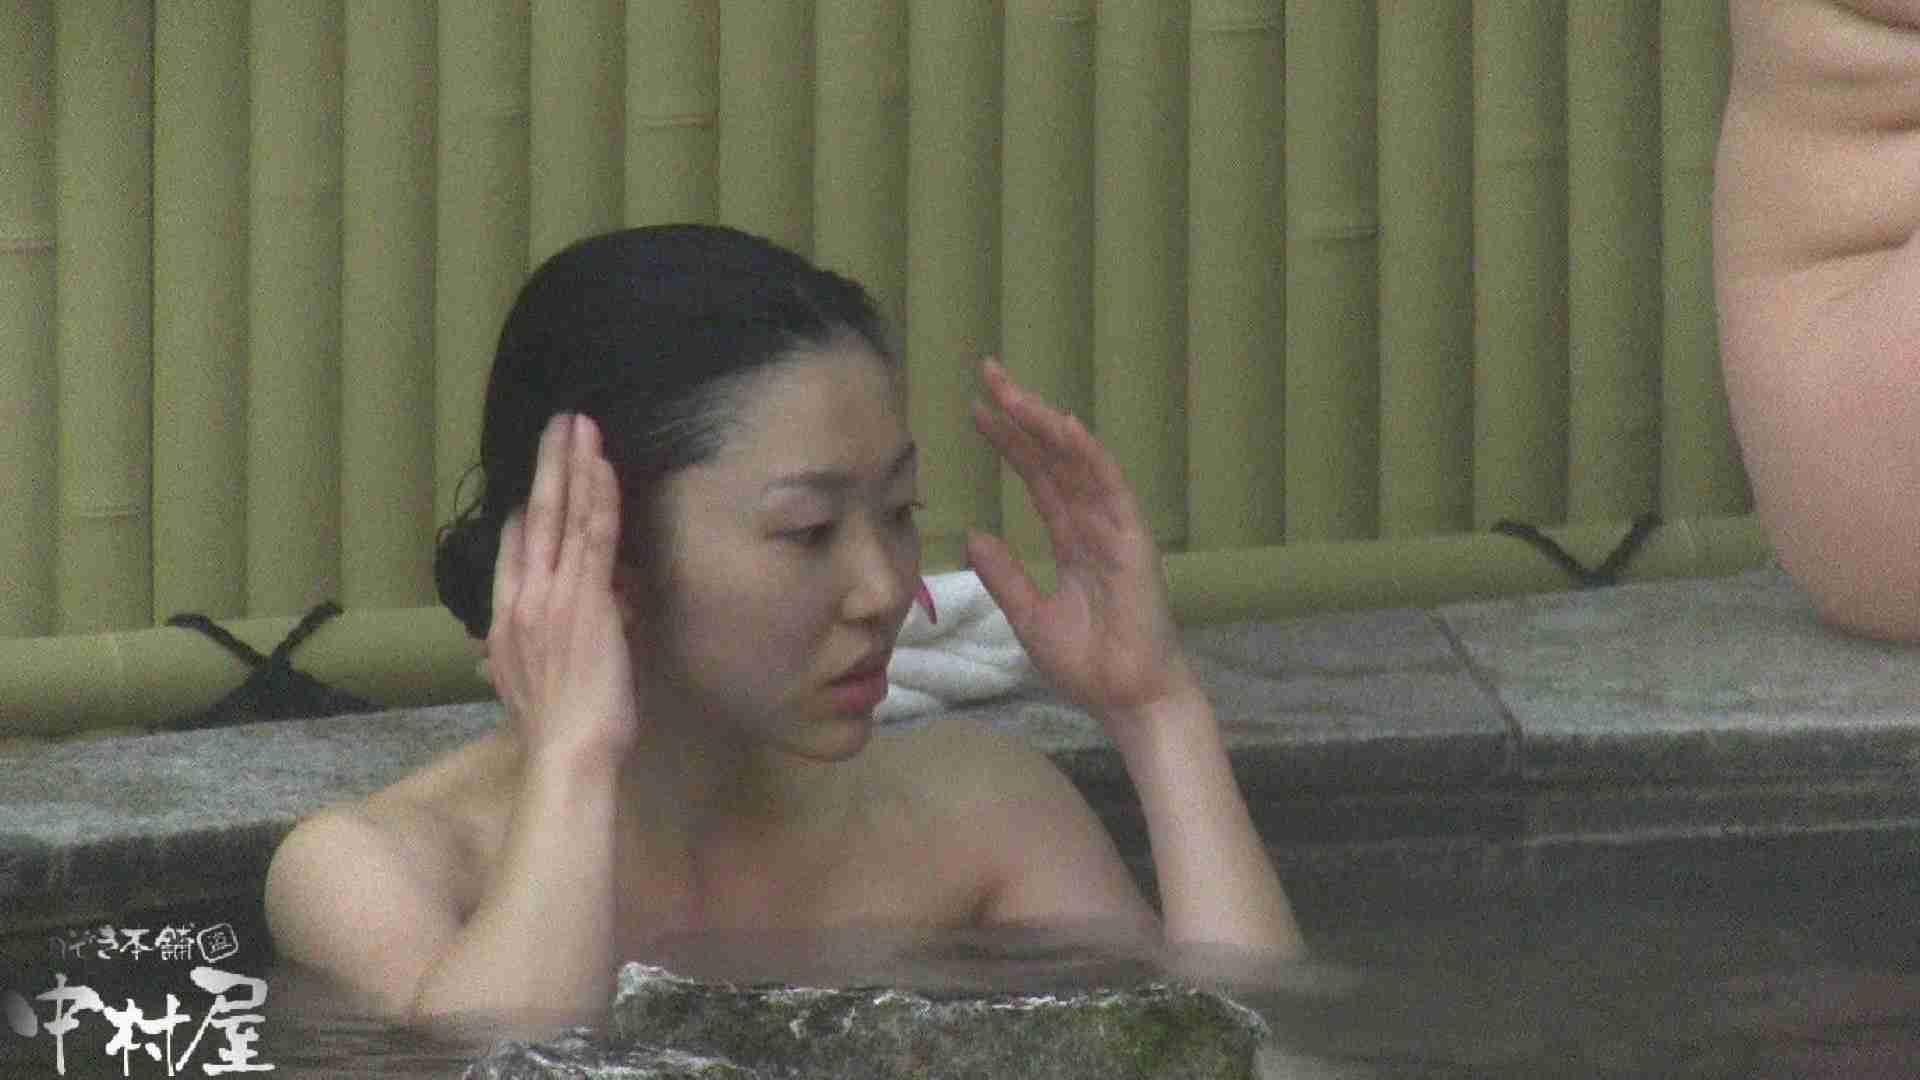 Aquaな露天風呂Vol.917 盗撮 | 露天  55pic 28